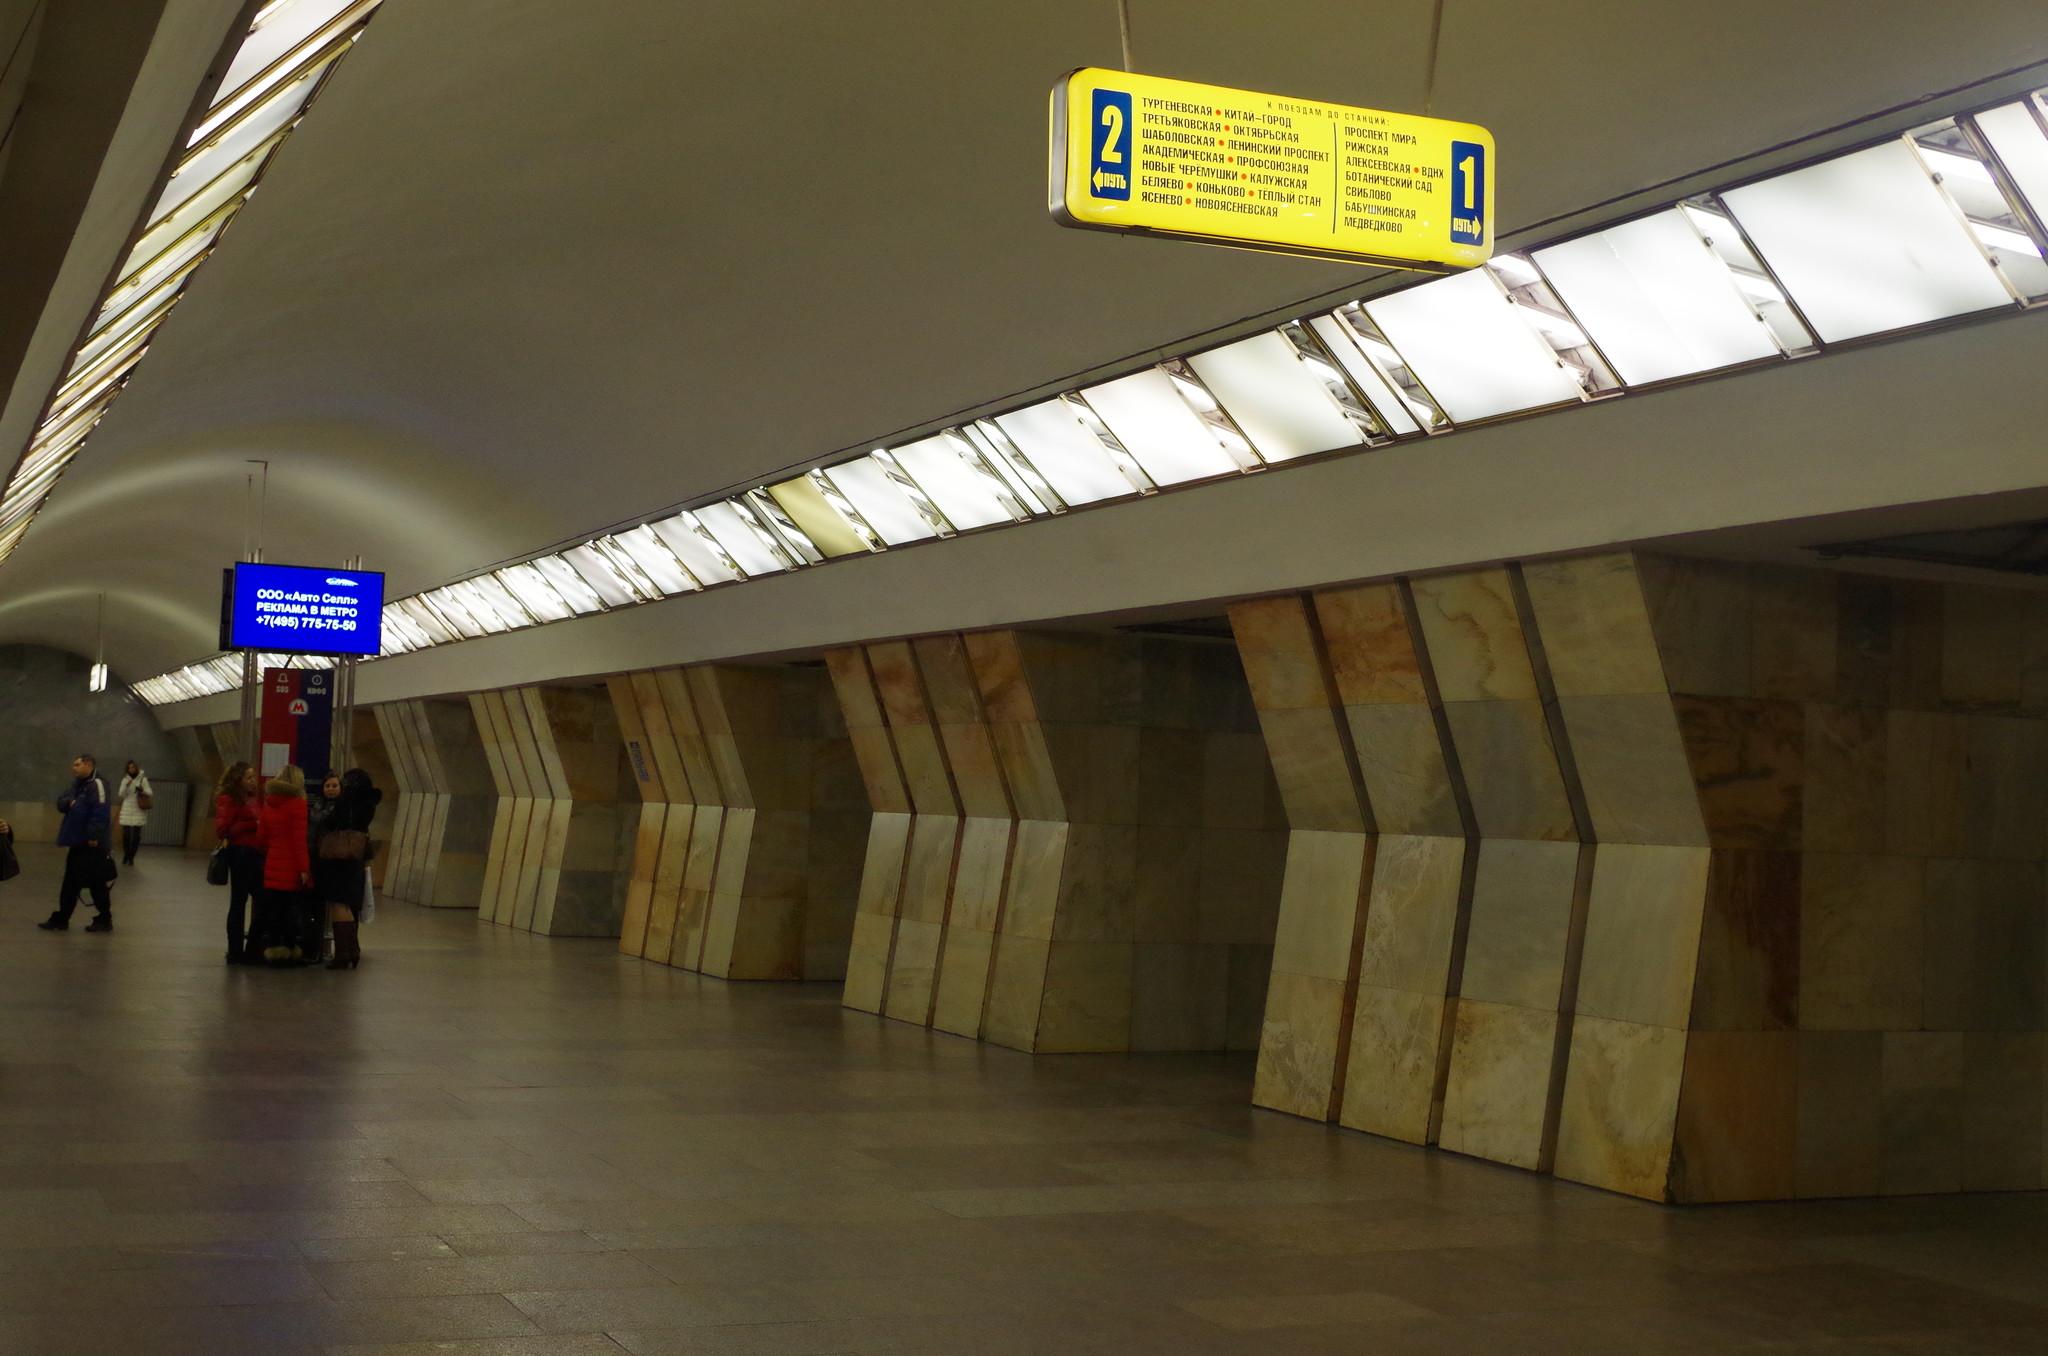 Зал станции «Сухаревская» Калужско-Рижской линии Московского метрополитена